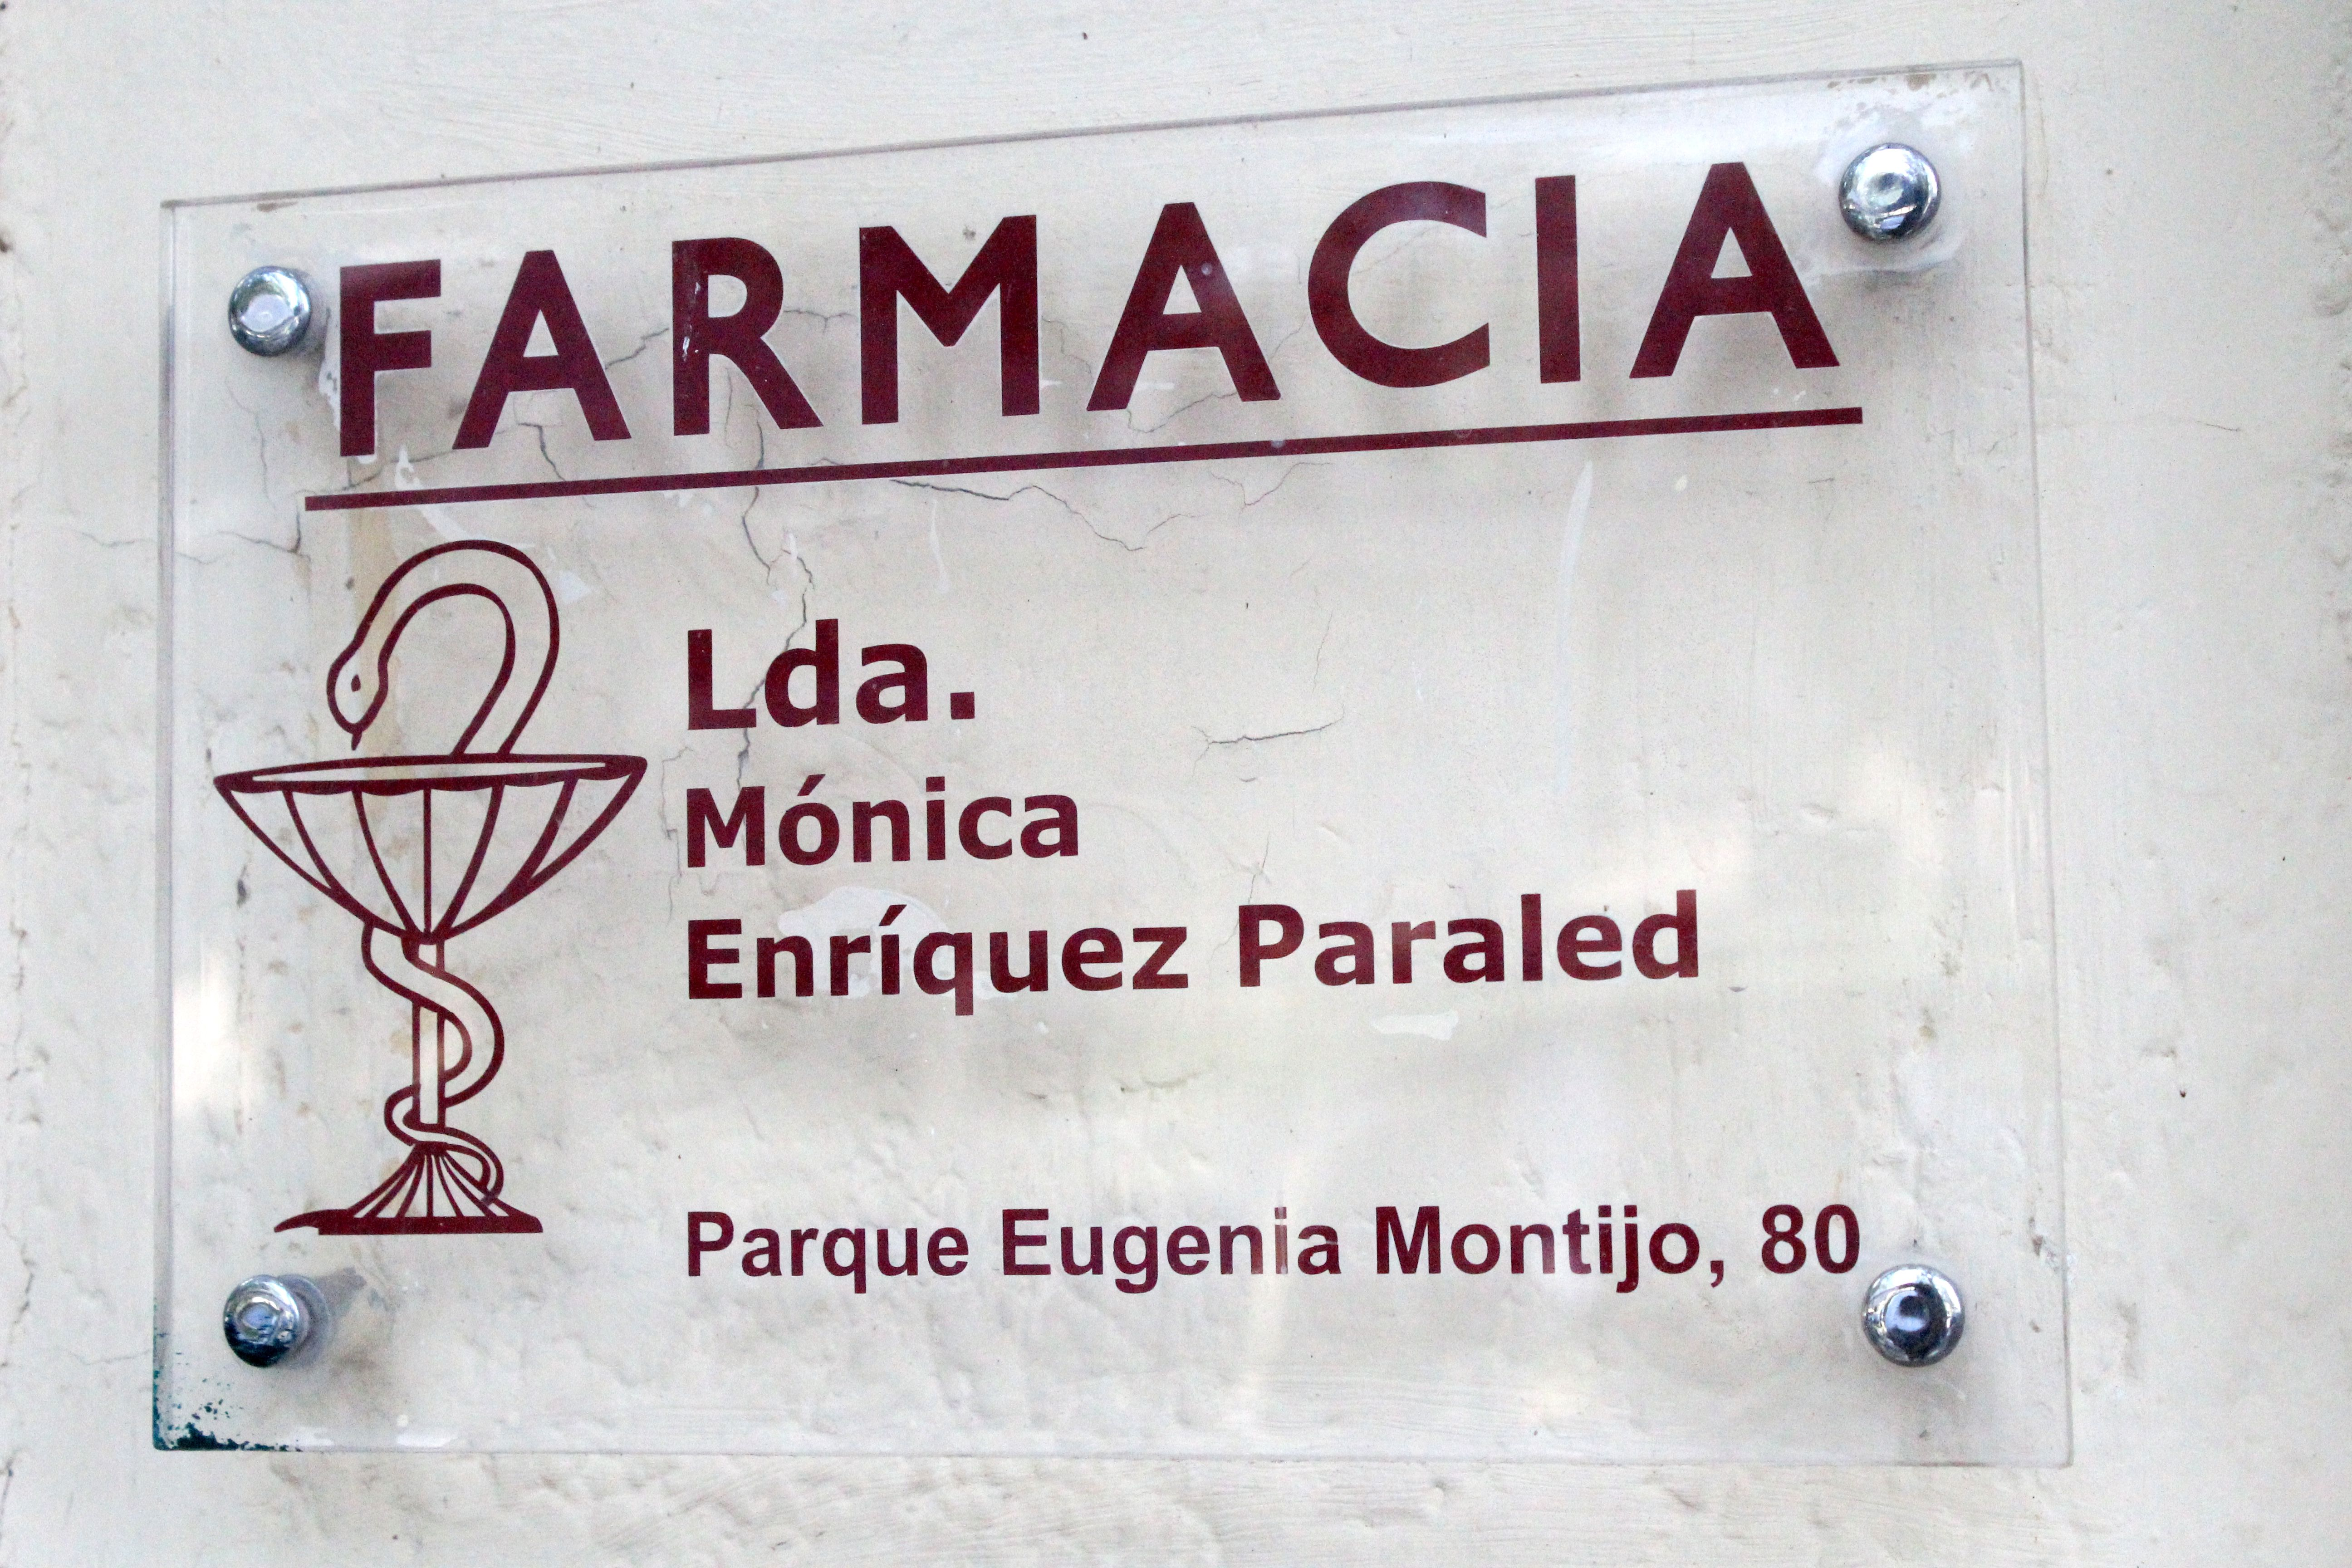 Farmacia Parque Eugenia de Montijo